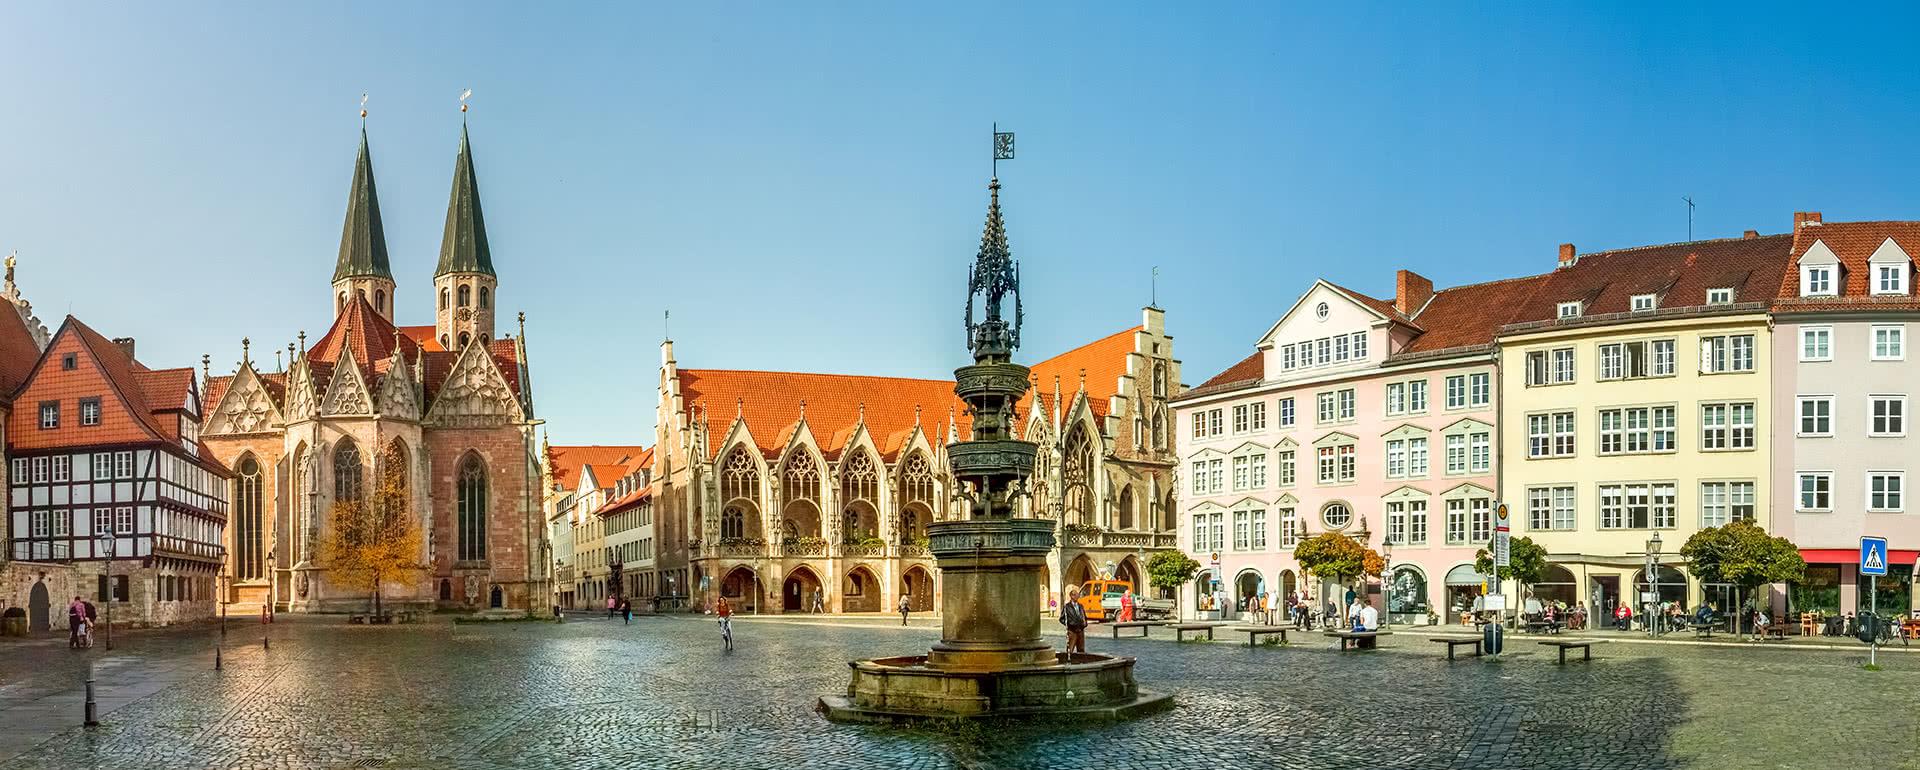 Titelbild von Braunschweig